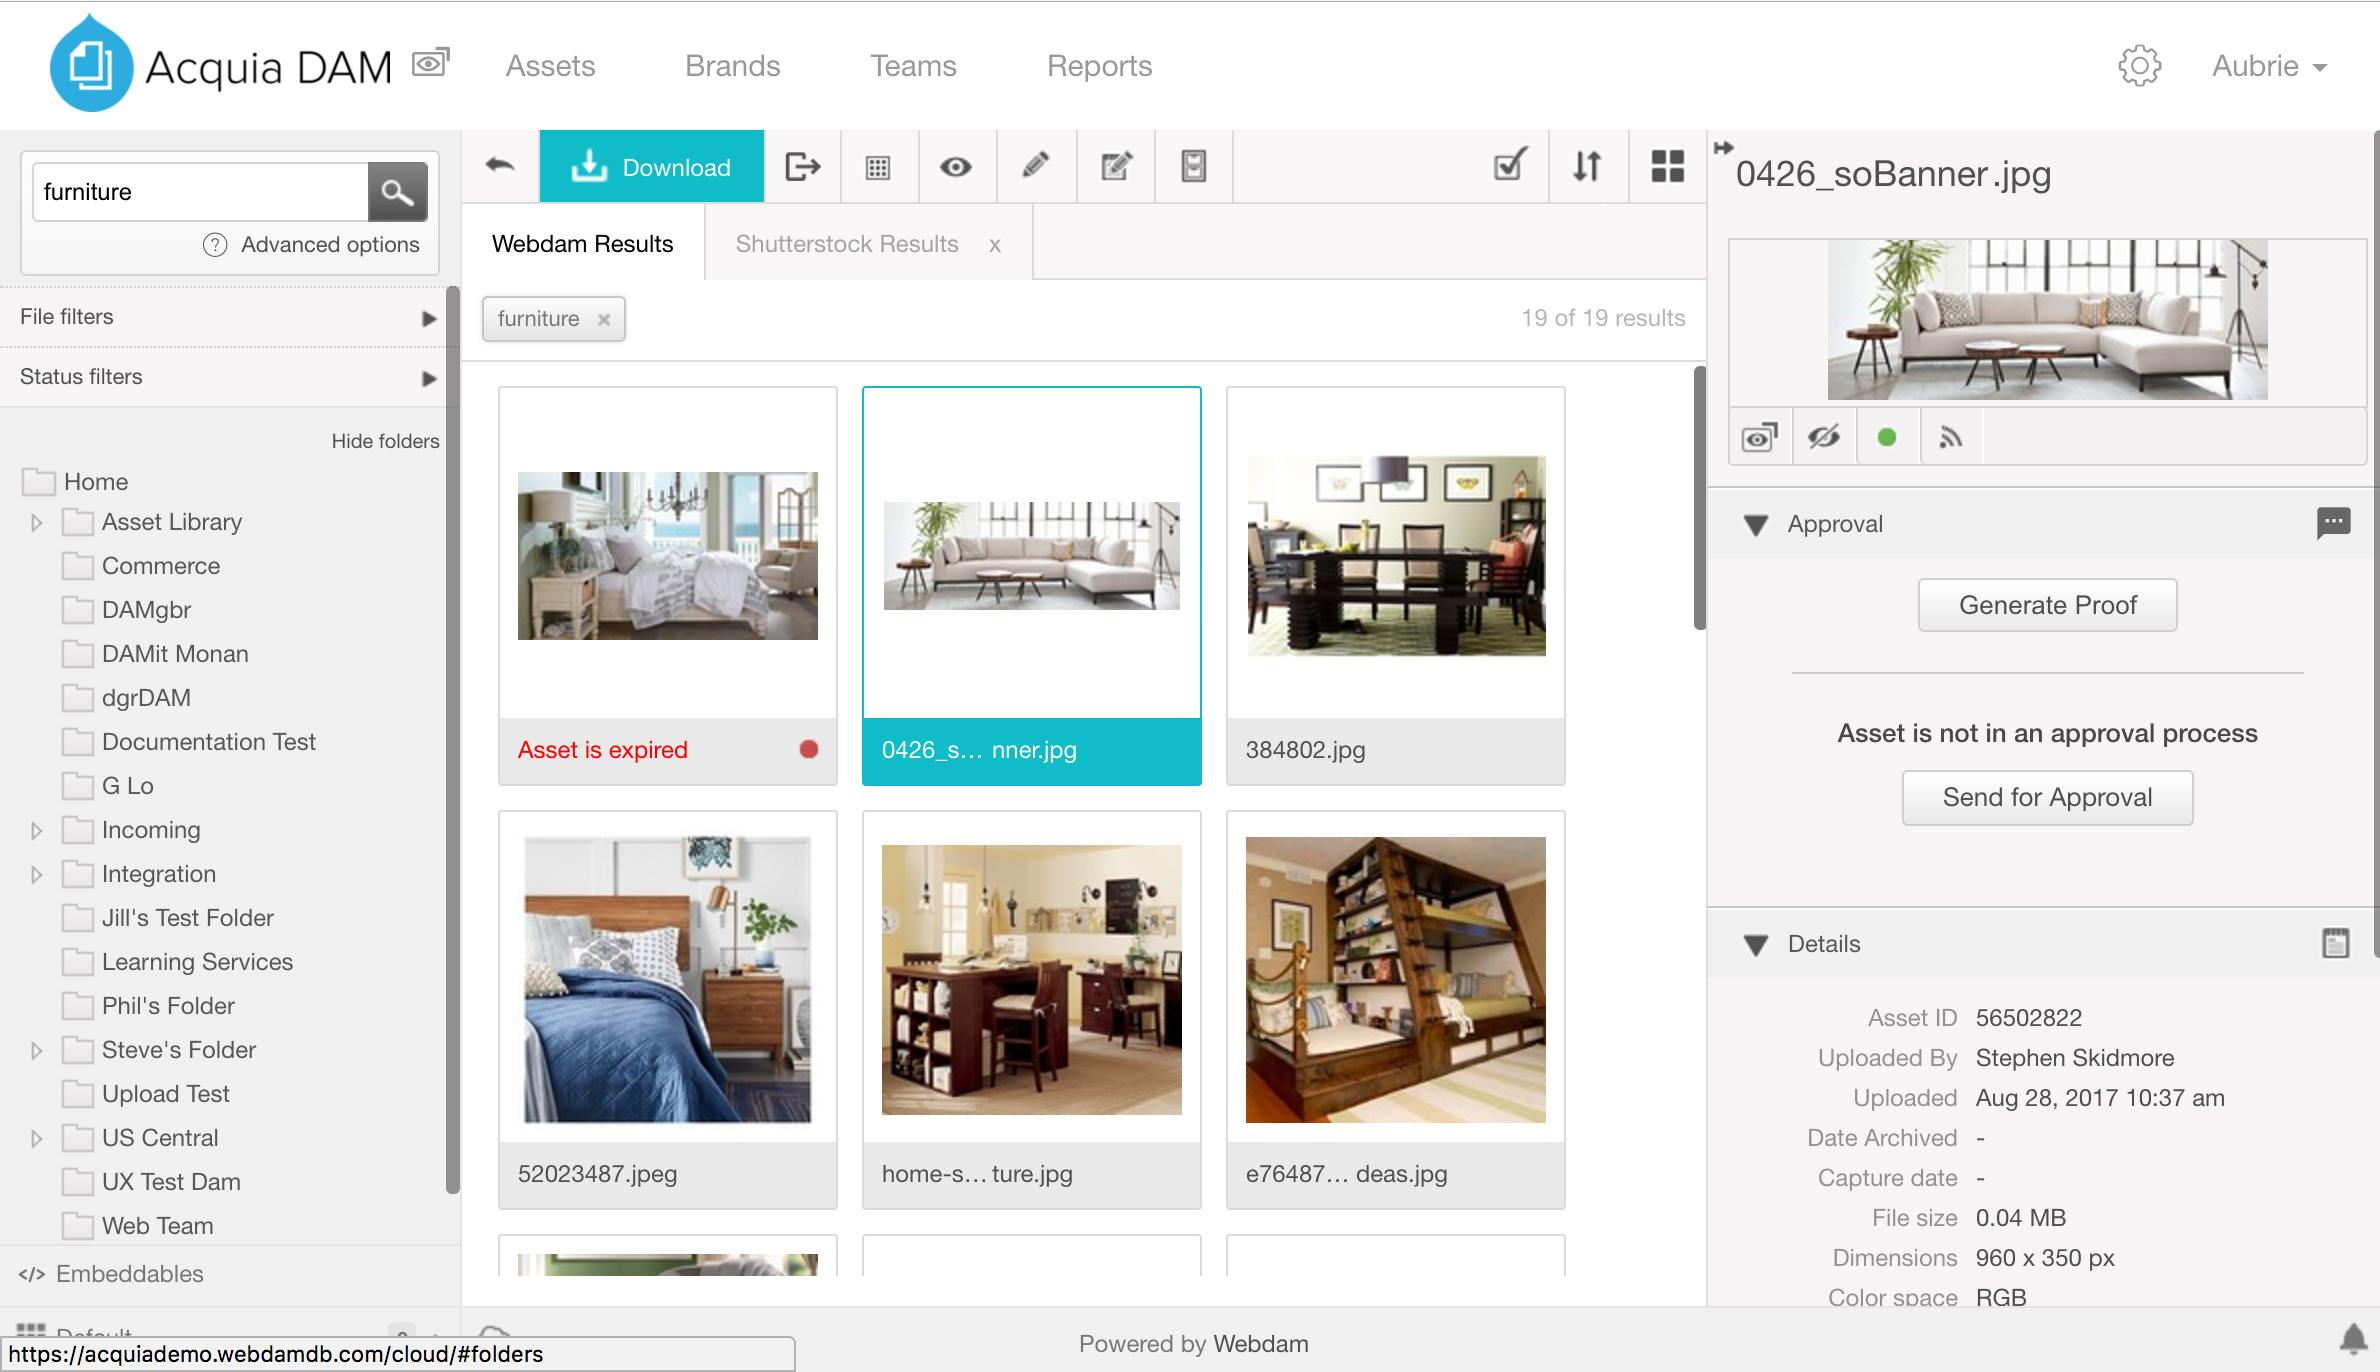 A screenshot of Acquia's Digital Asset Management solution